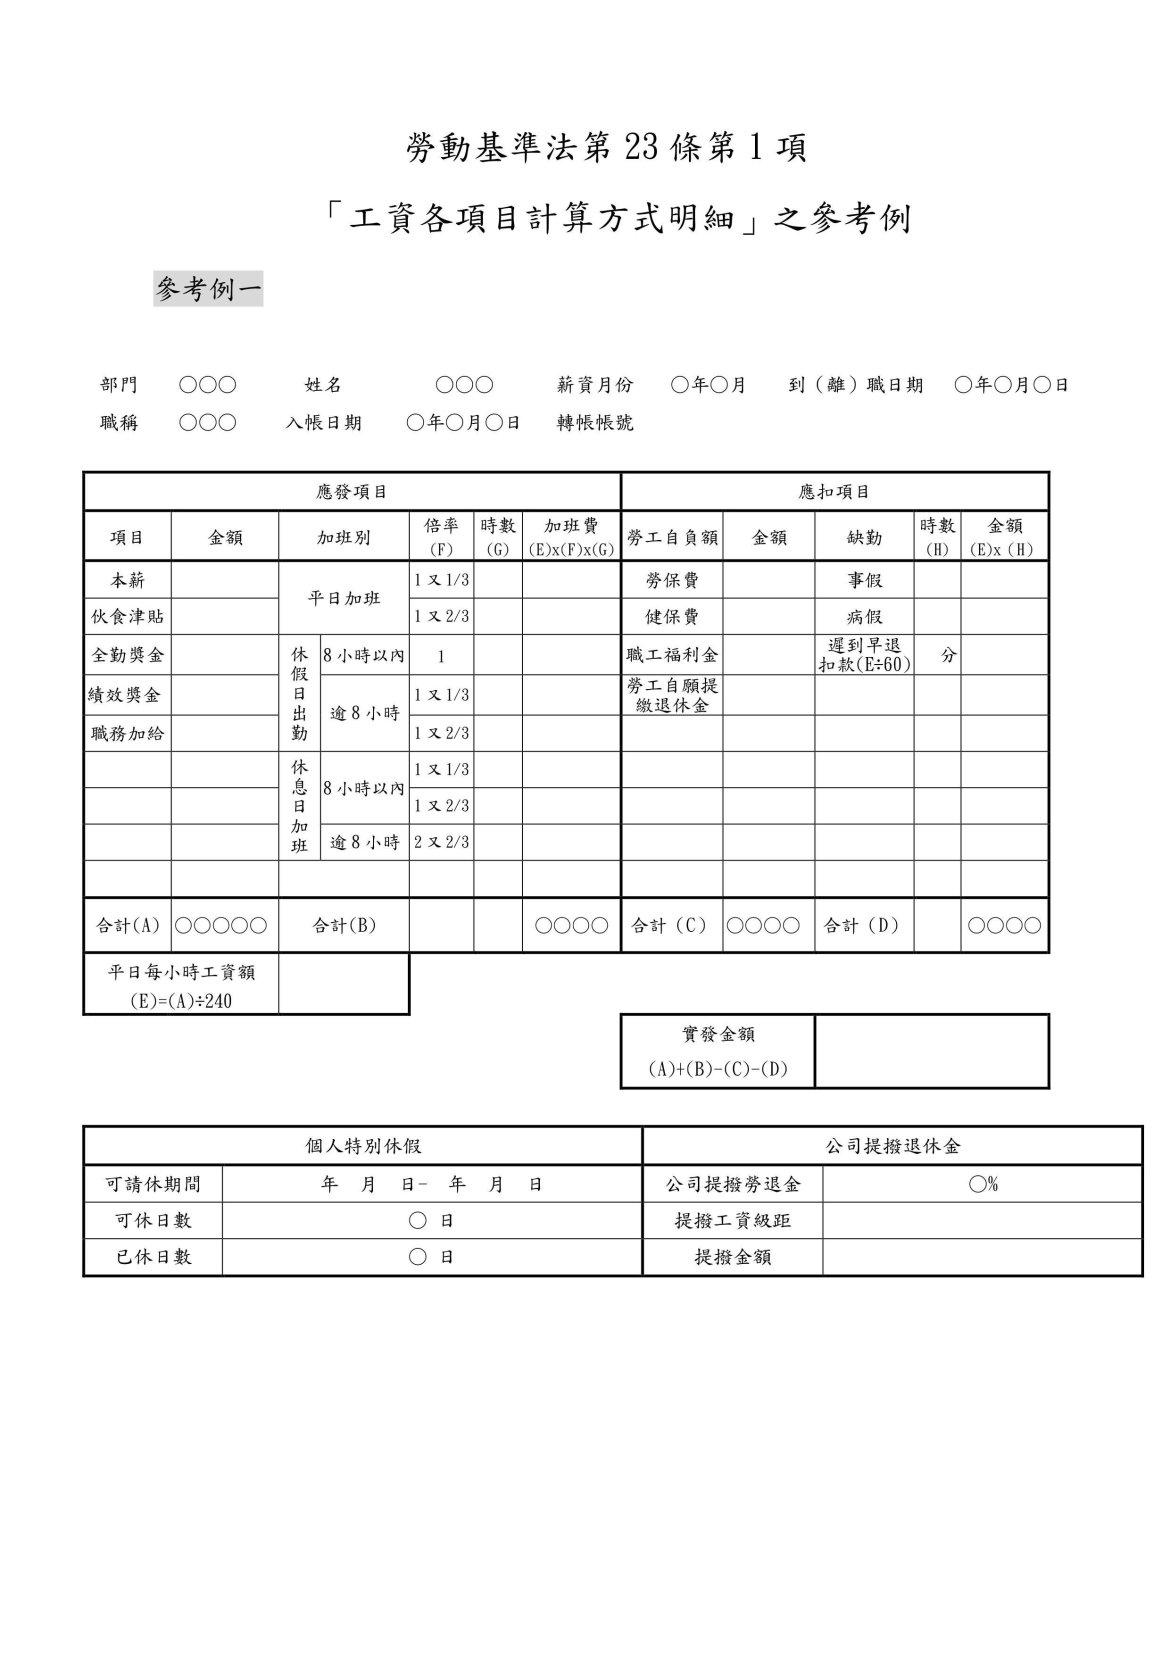 工資清冊範例(勞動部)